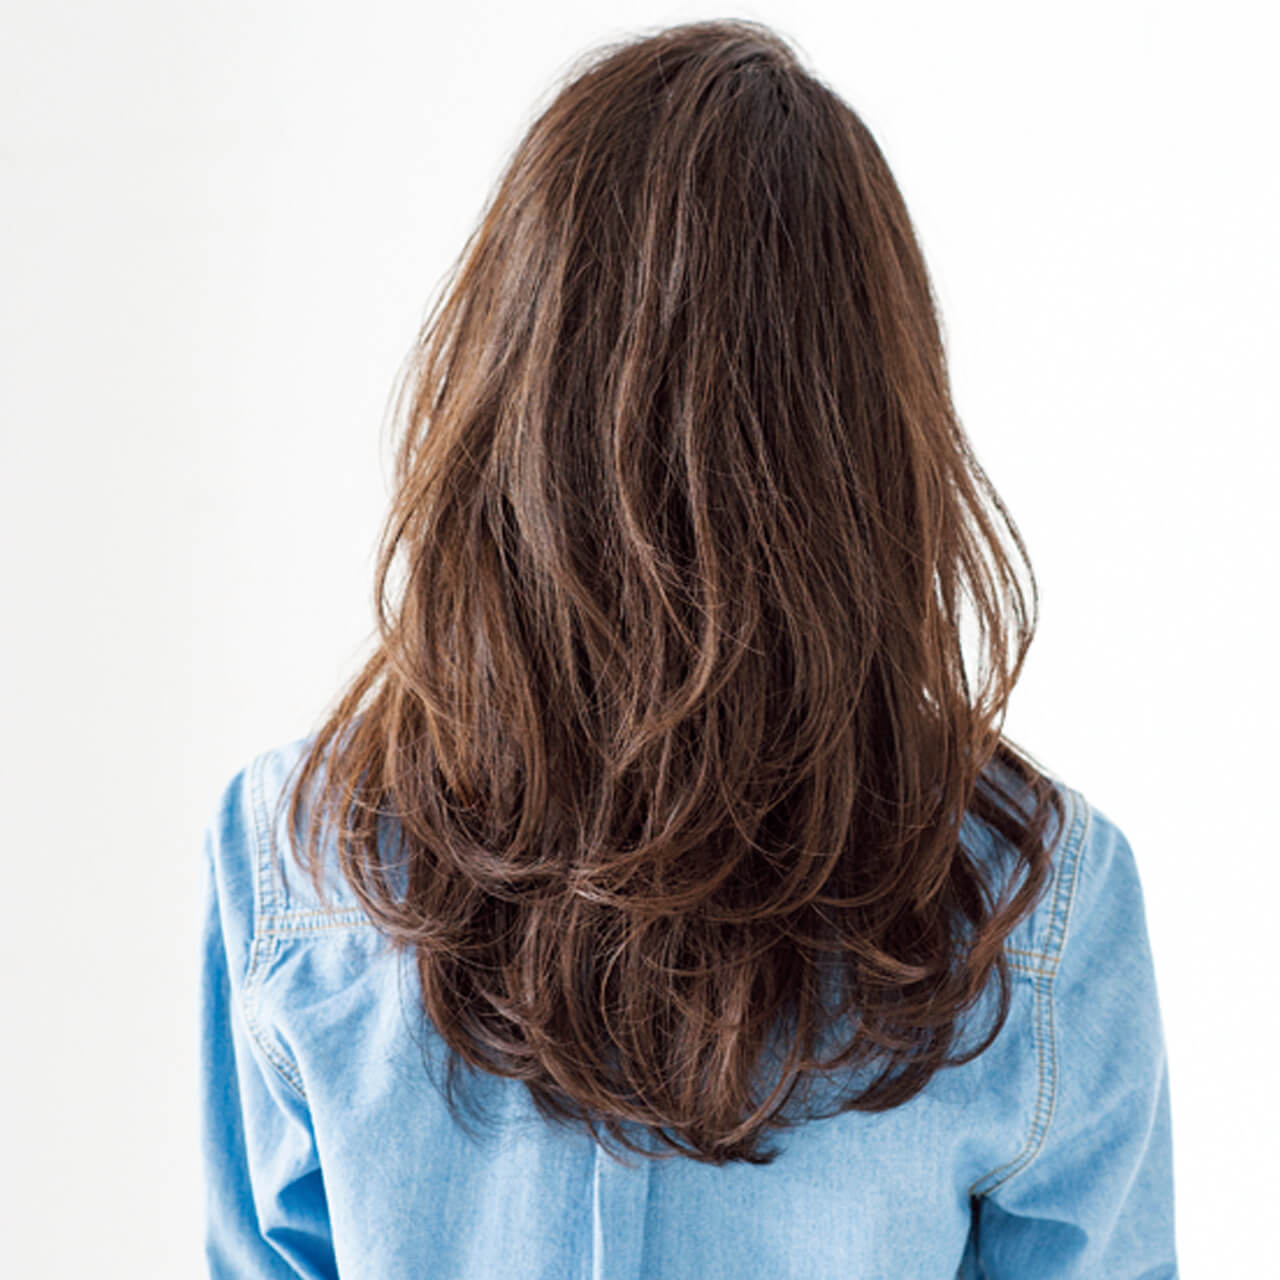 あかぬけの鉄板スタイル!立ち上げ前髪×ロングヘア【40代のロングヘア】_1_3